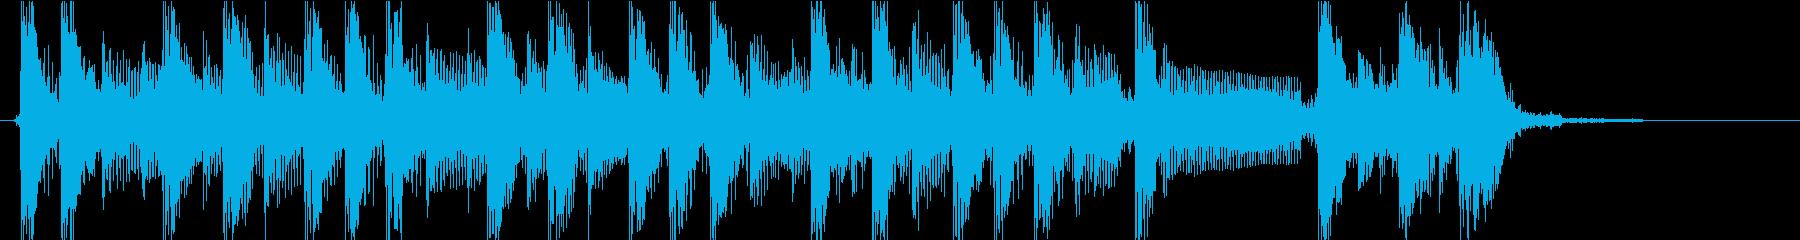 怪しい雰囲気ジングルの再生済みの波形